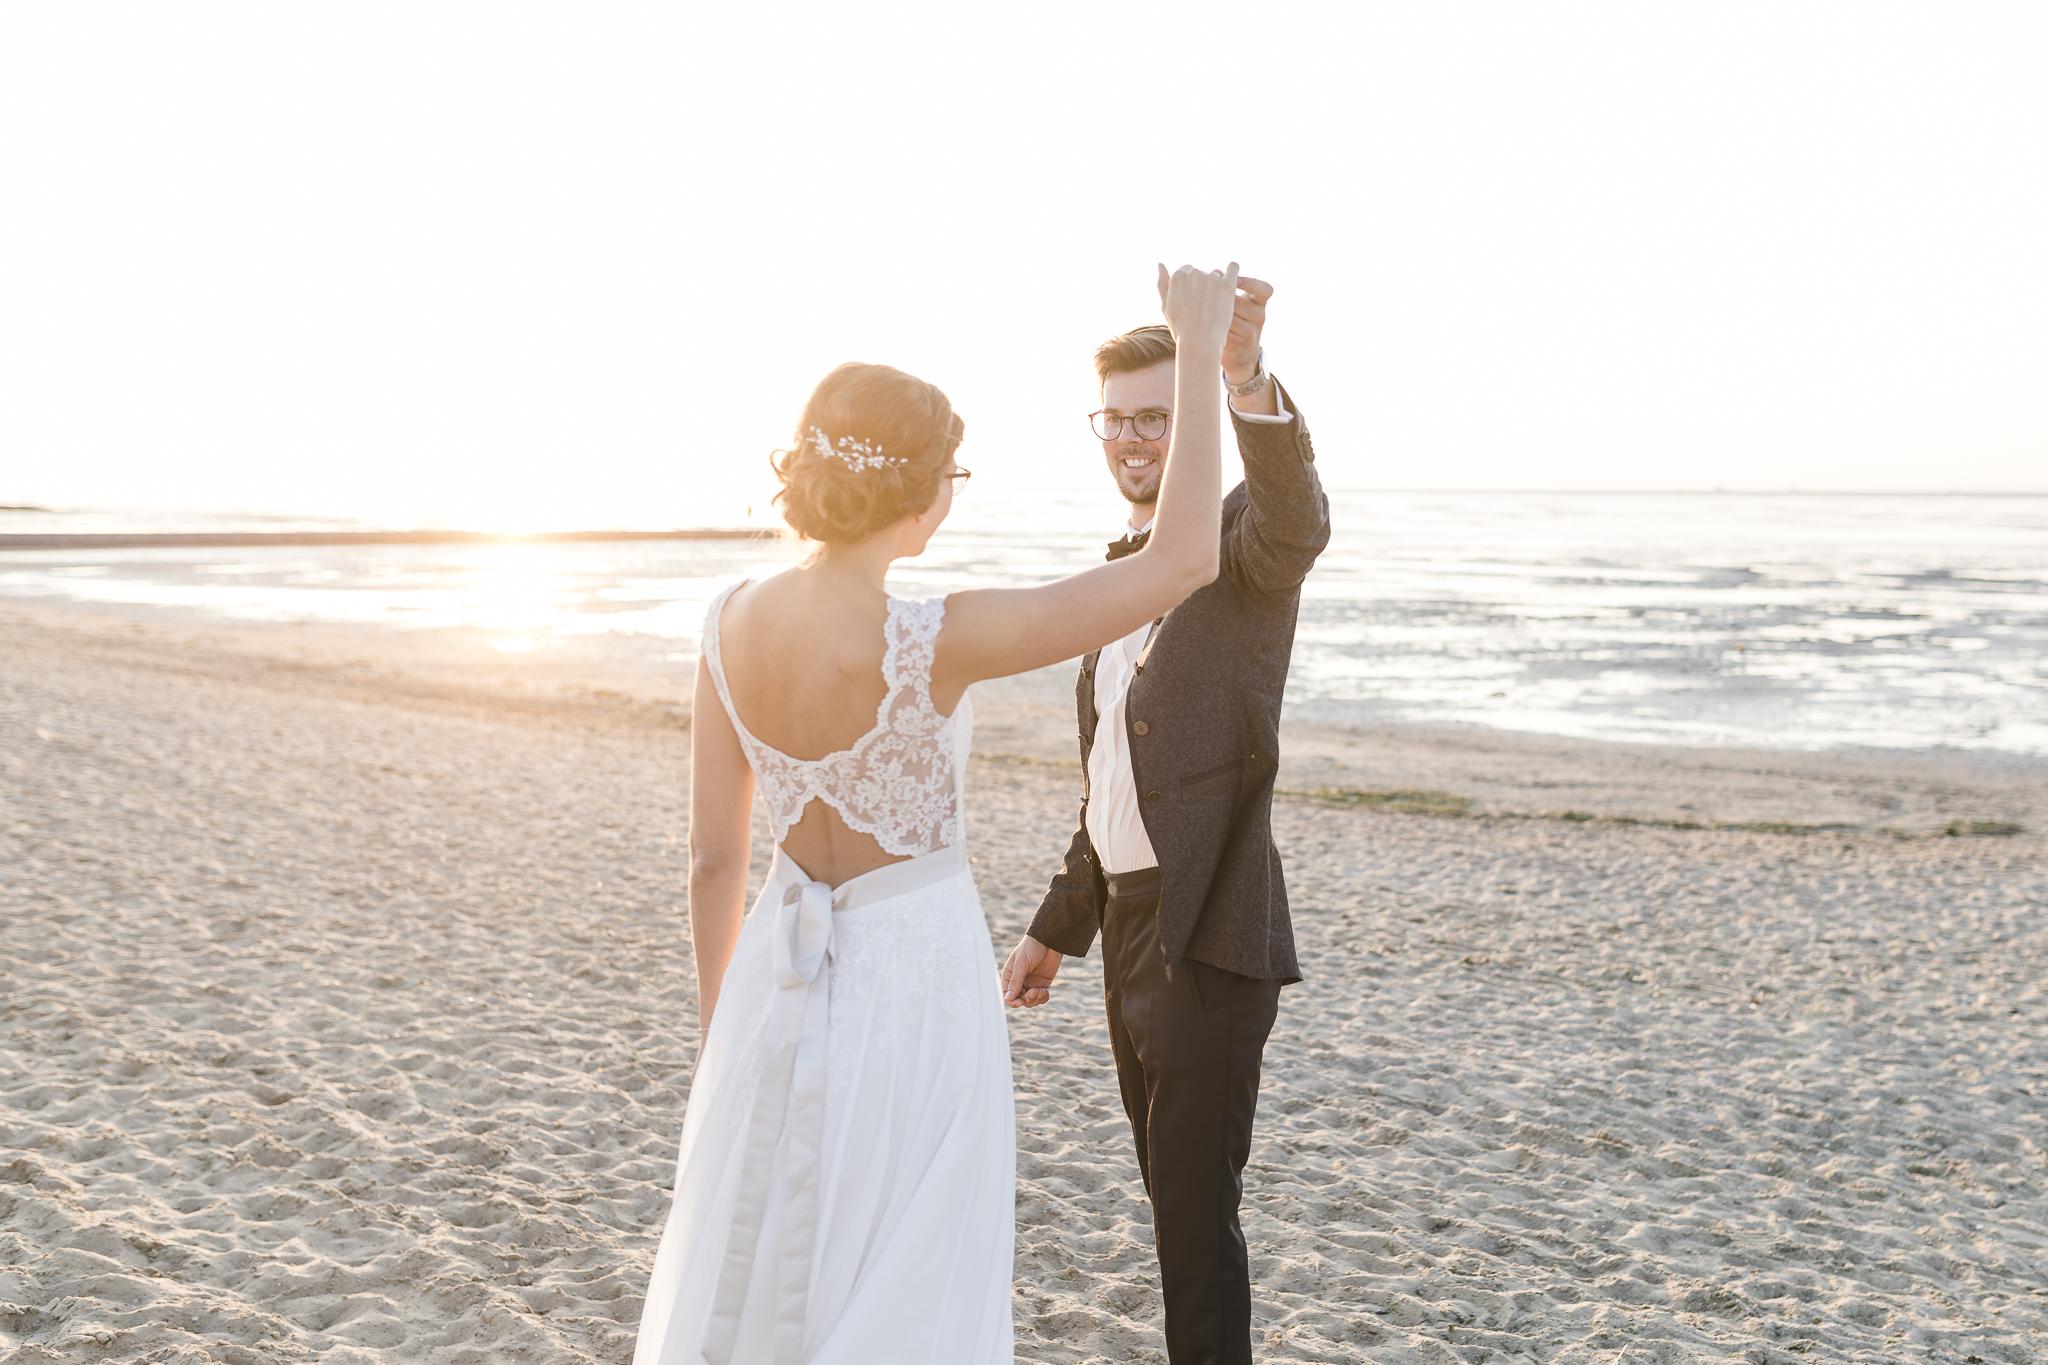 Hochzeitsfotograf Cuxhaven - Sonja und Niklas - 69